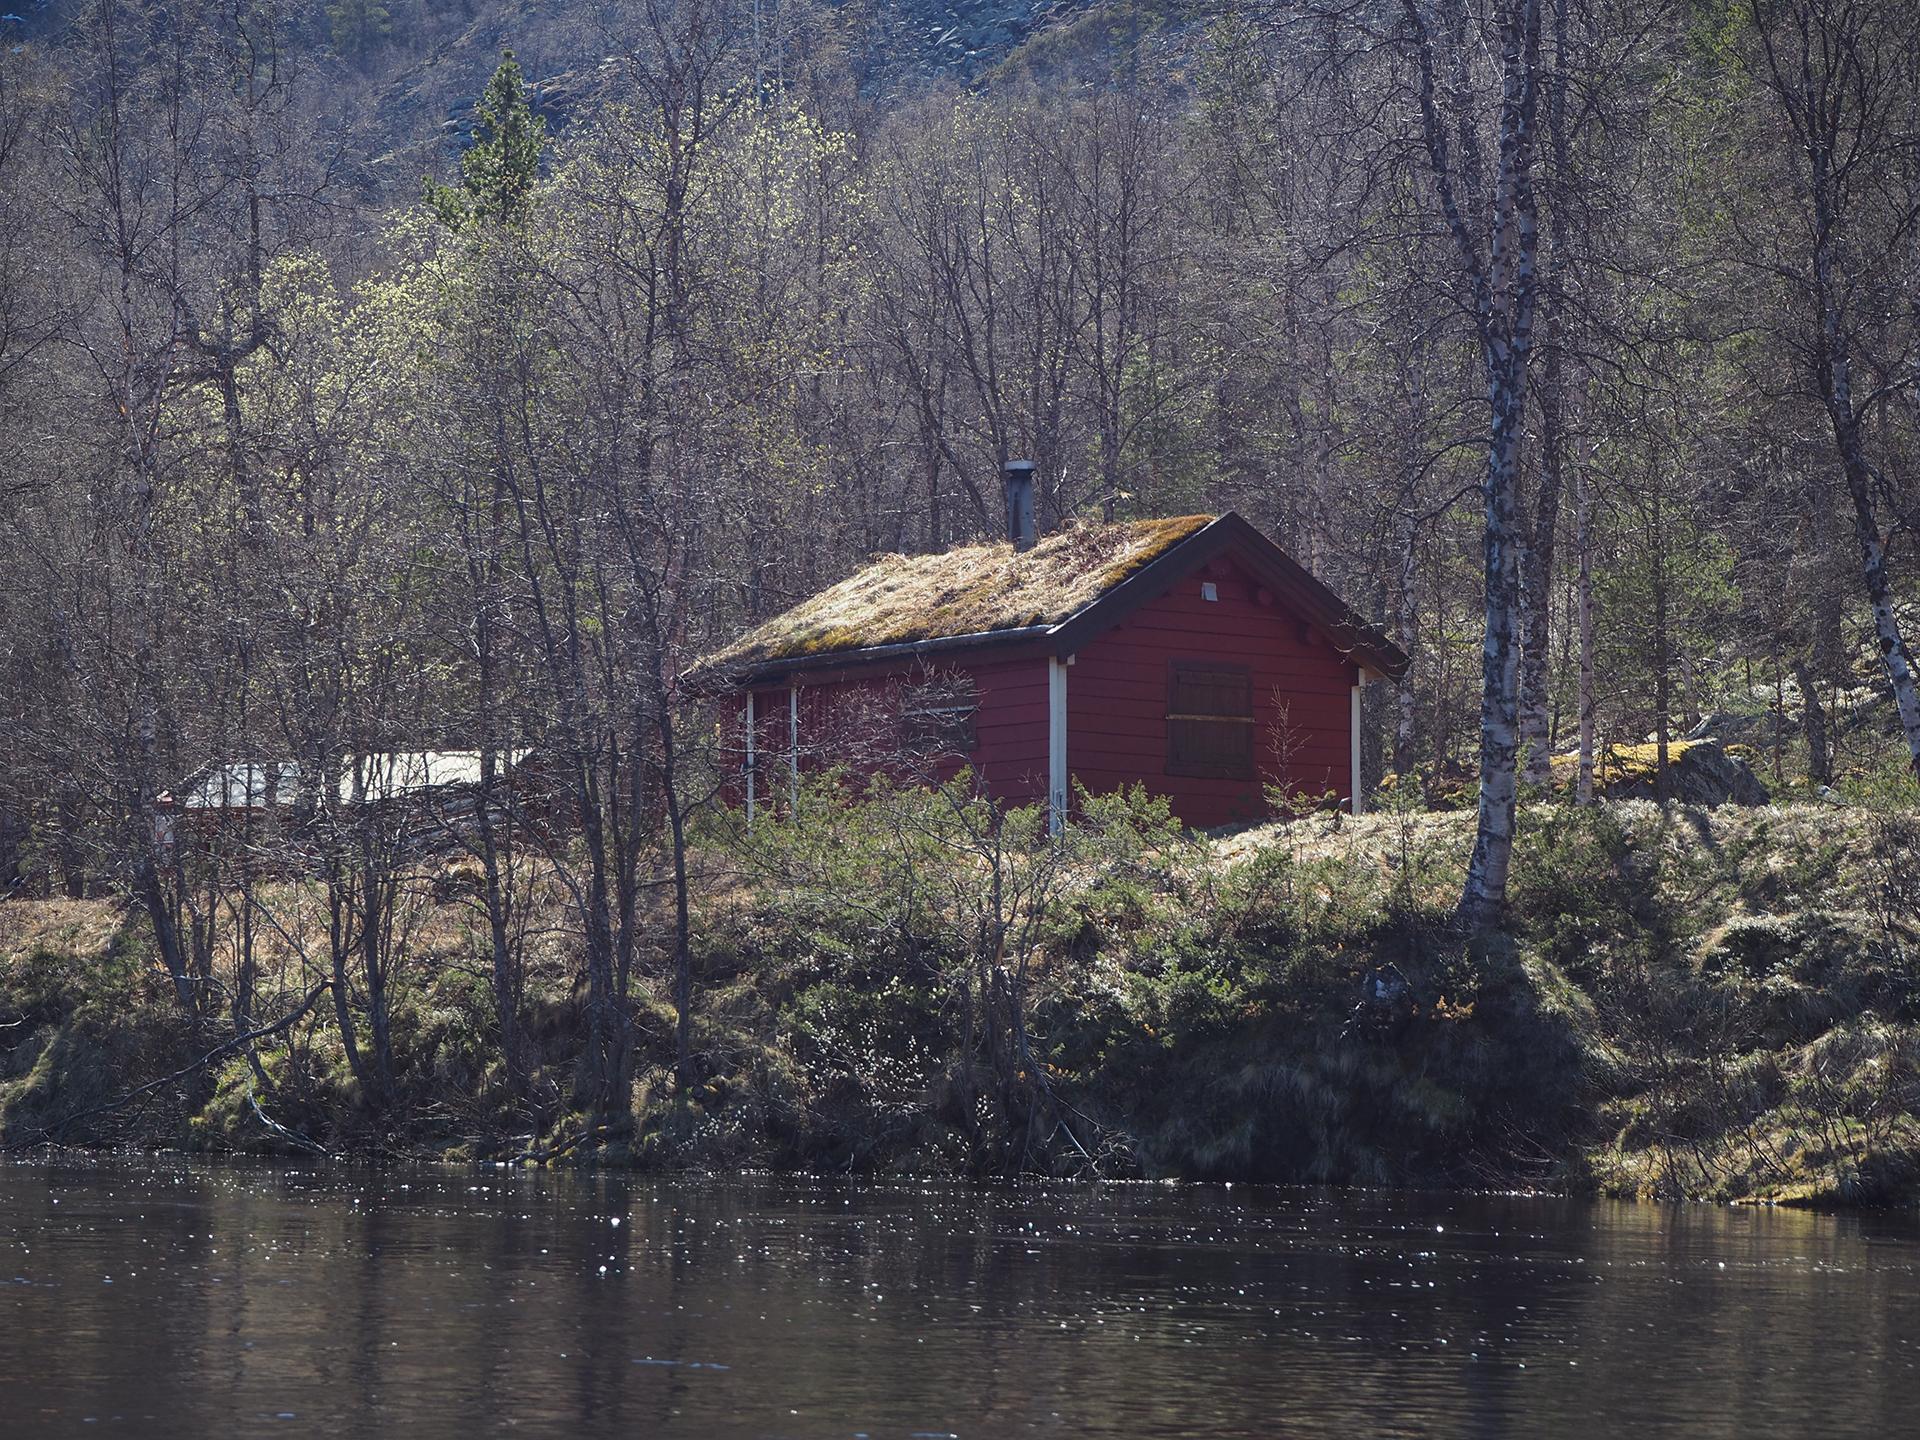 bilde fra Reisadalen, tatt på befaring i forbindelse med etablering av Historisk vandrerute. Foto: Louise Brunborg-Næss